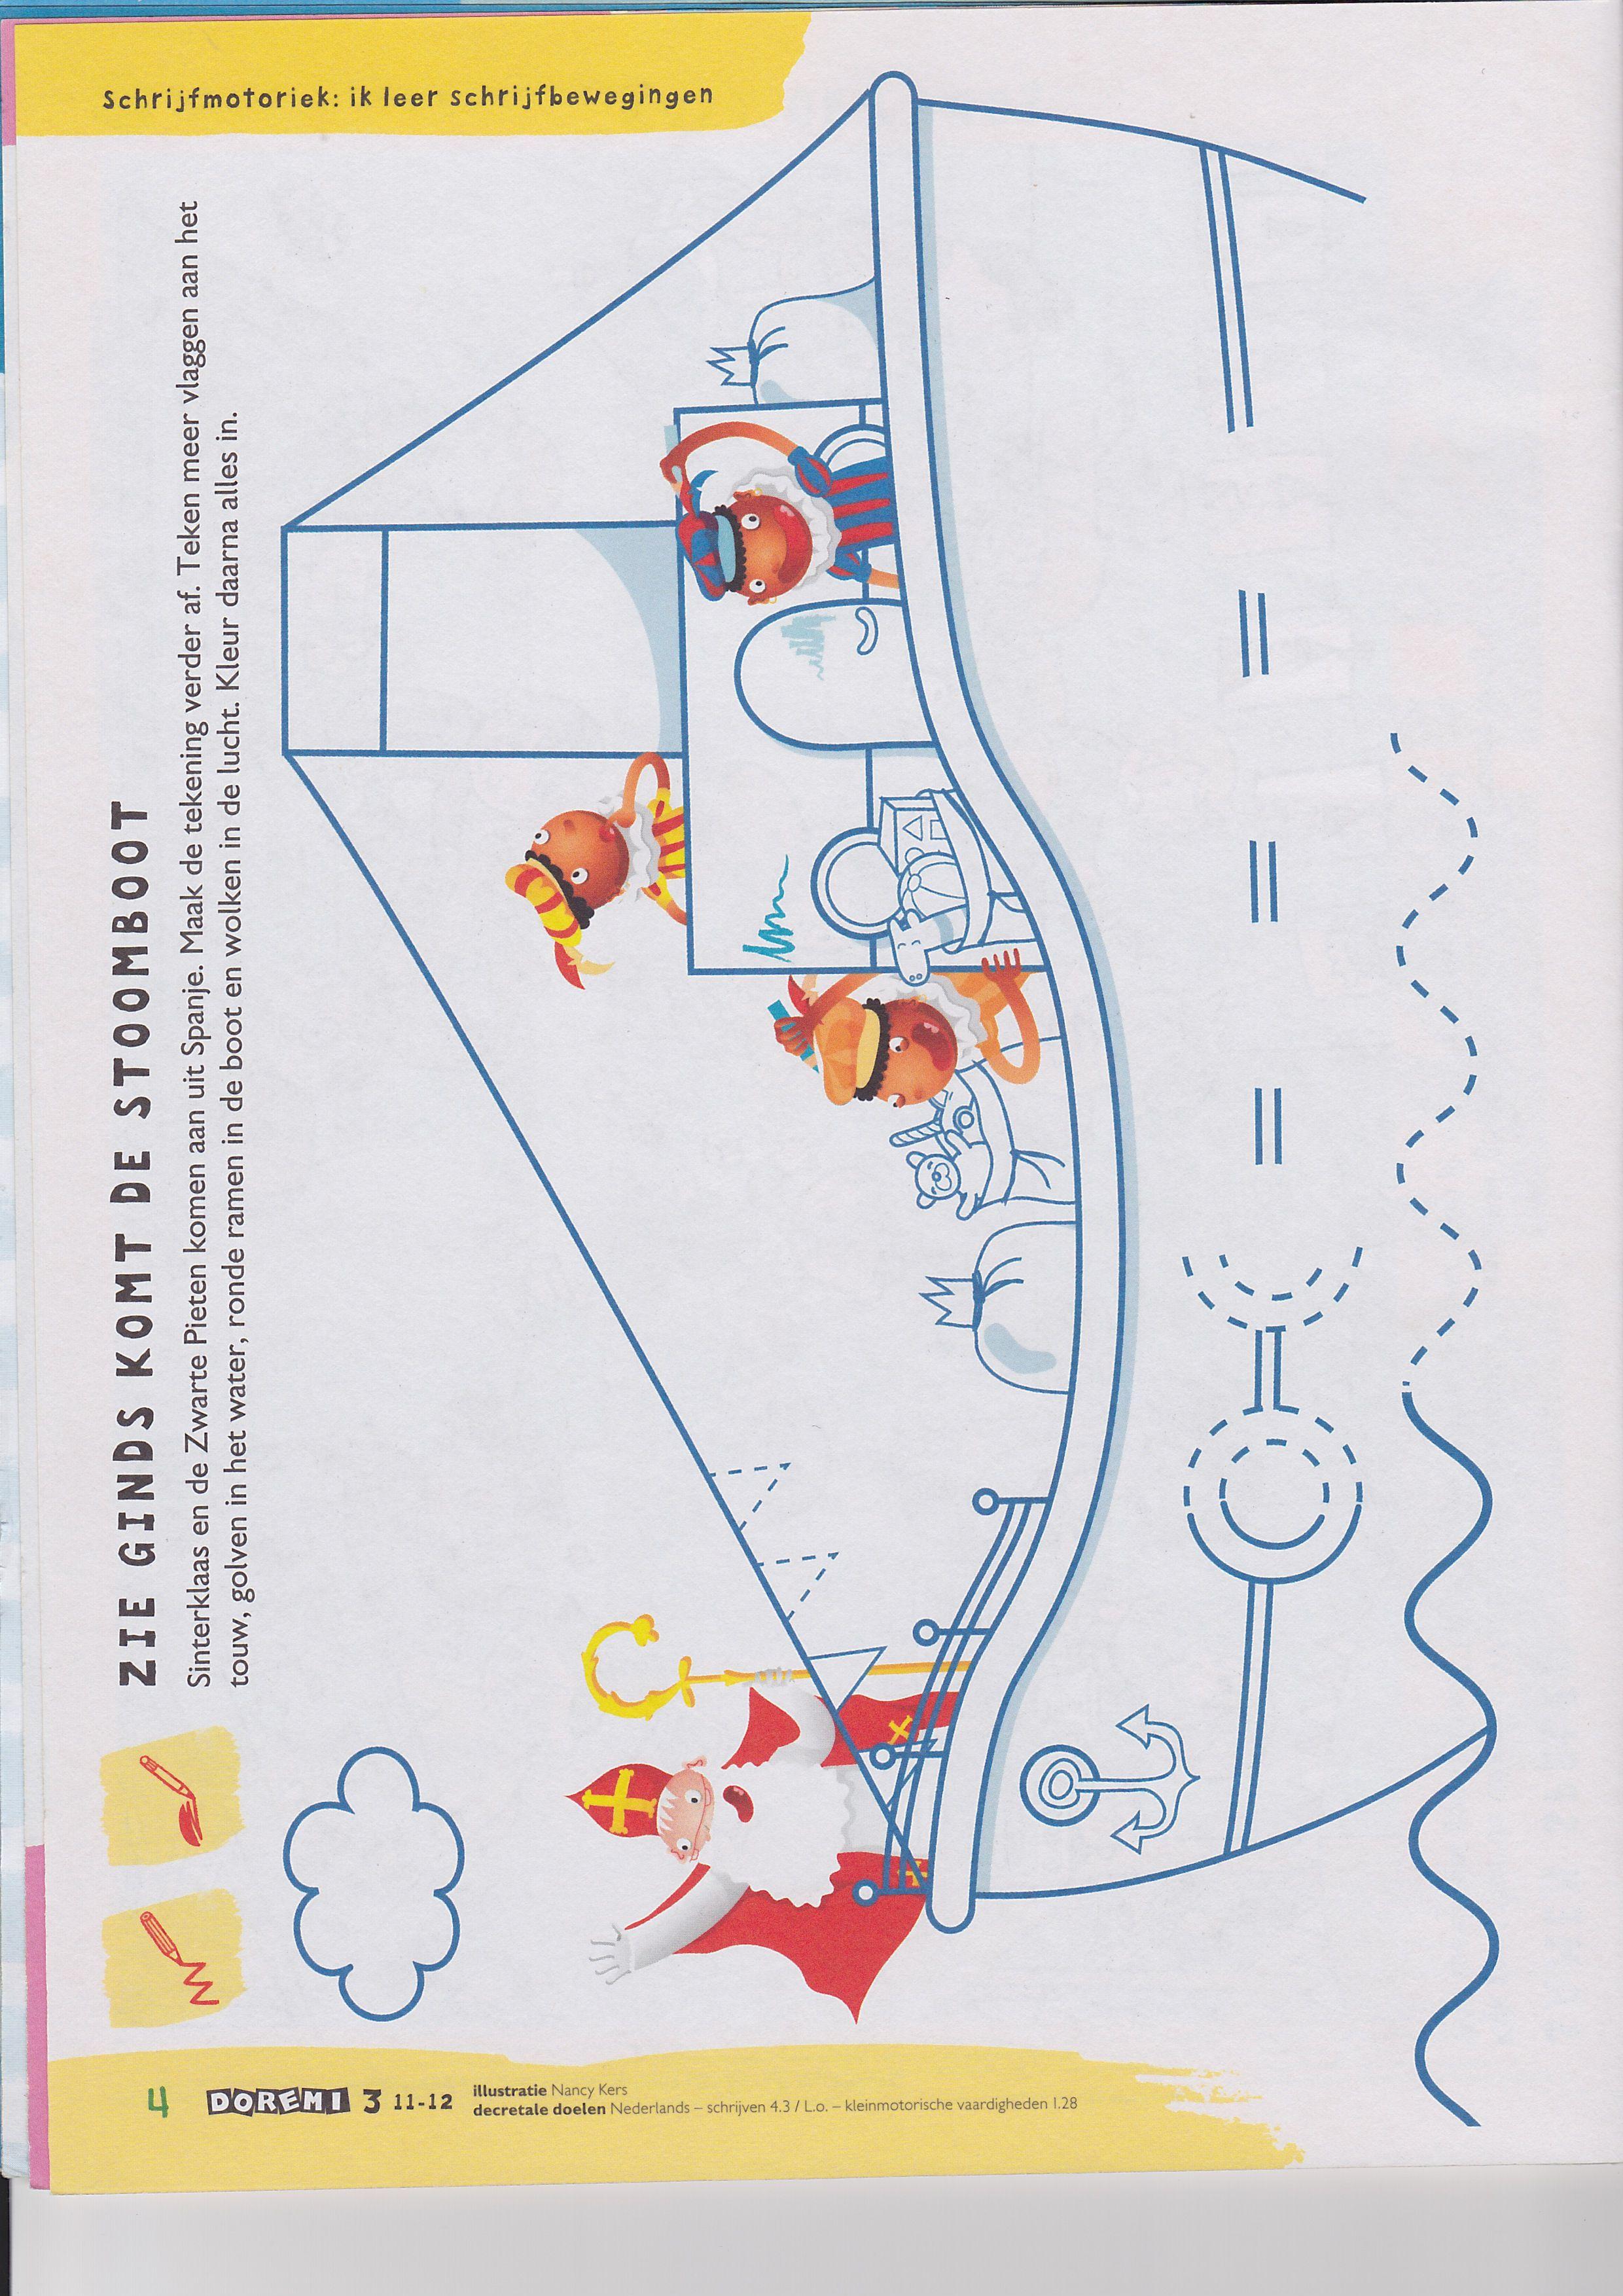 Stoomboot Schrijfmotoriek Sinterklaas Knutselen Sinterklaas Thema